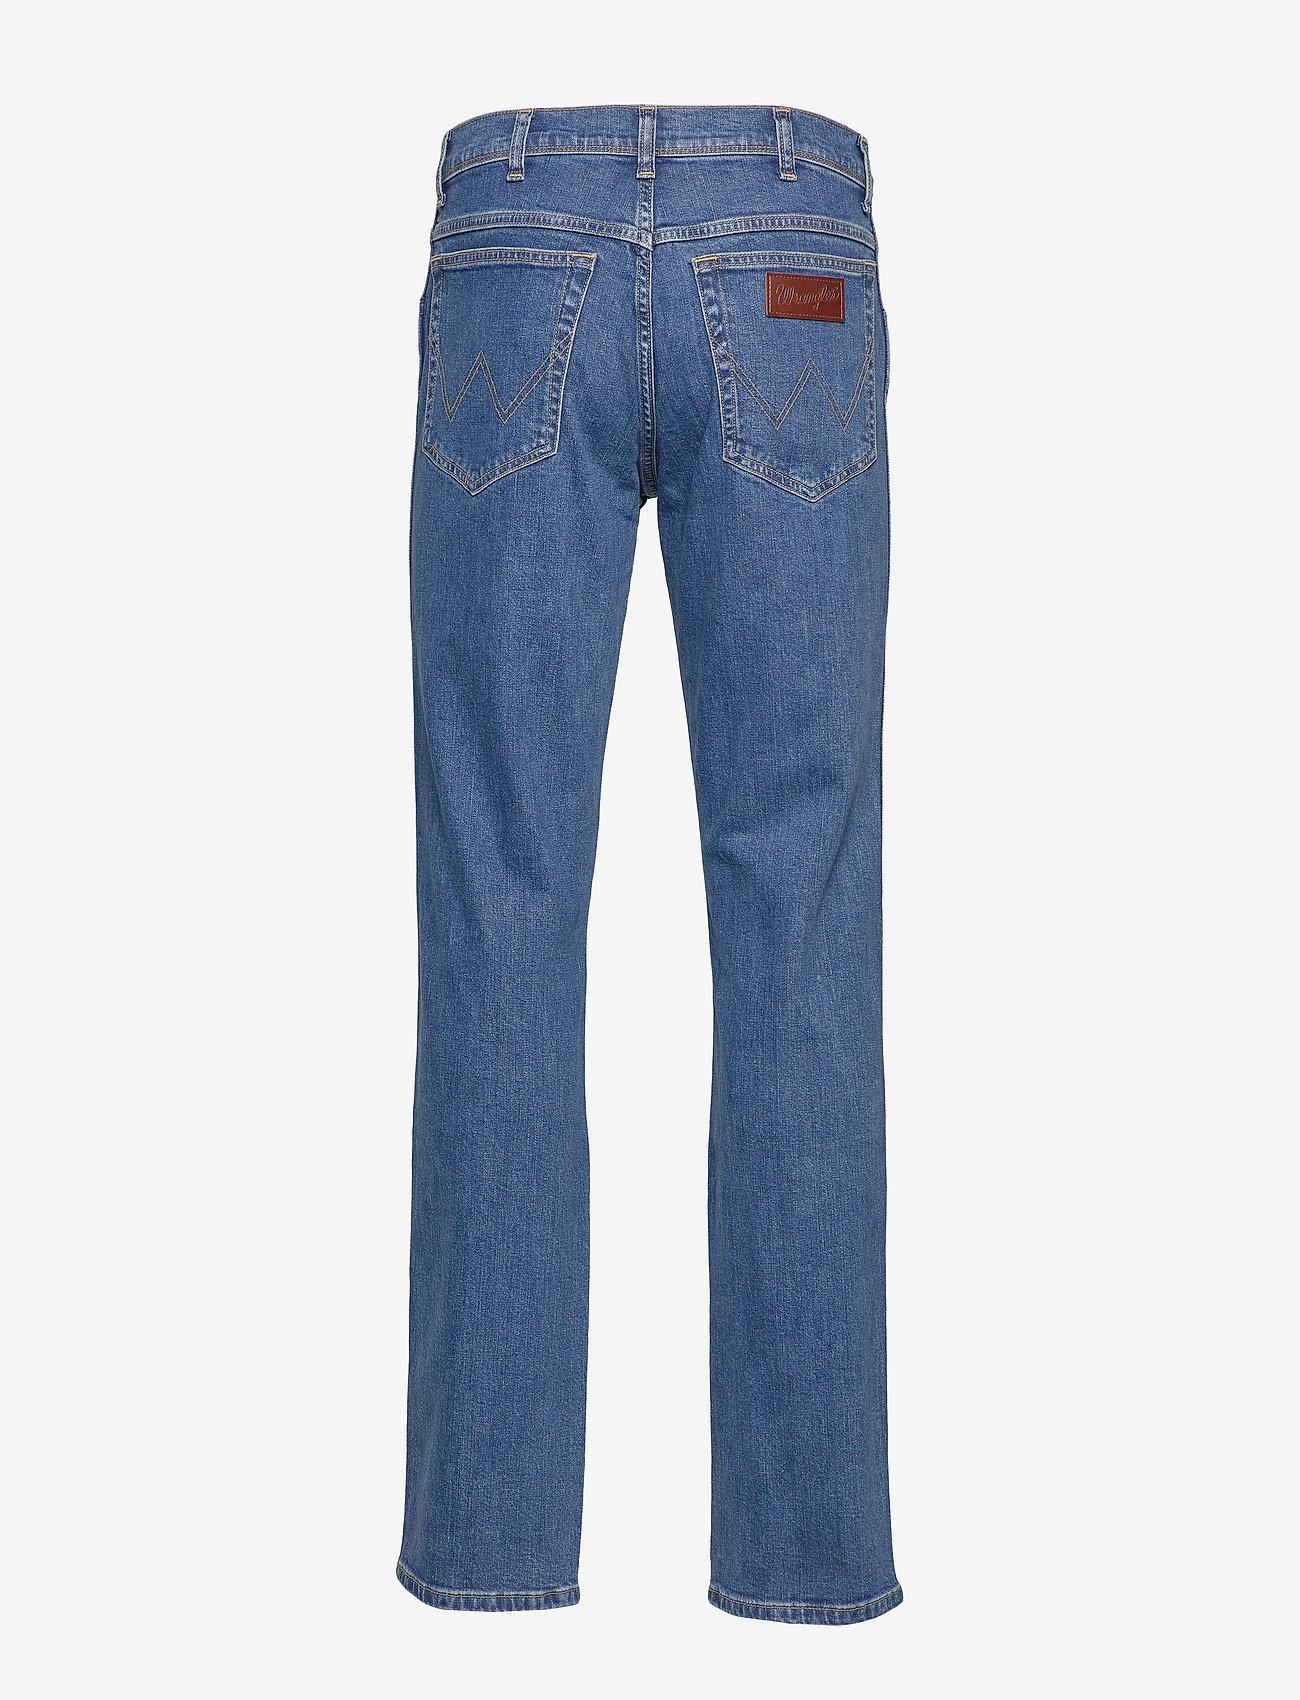 Wrangler TEXAS - Jeans BEST ROCKS - Menn Klær